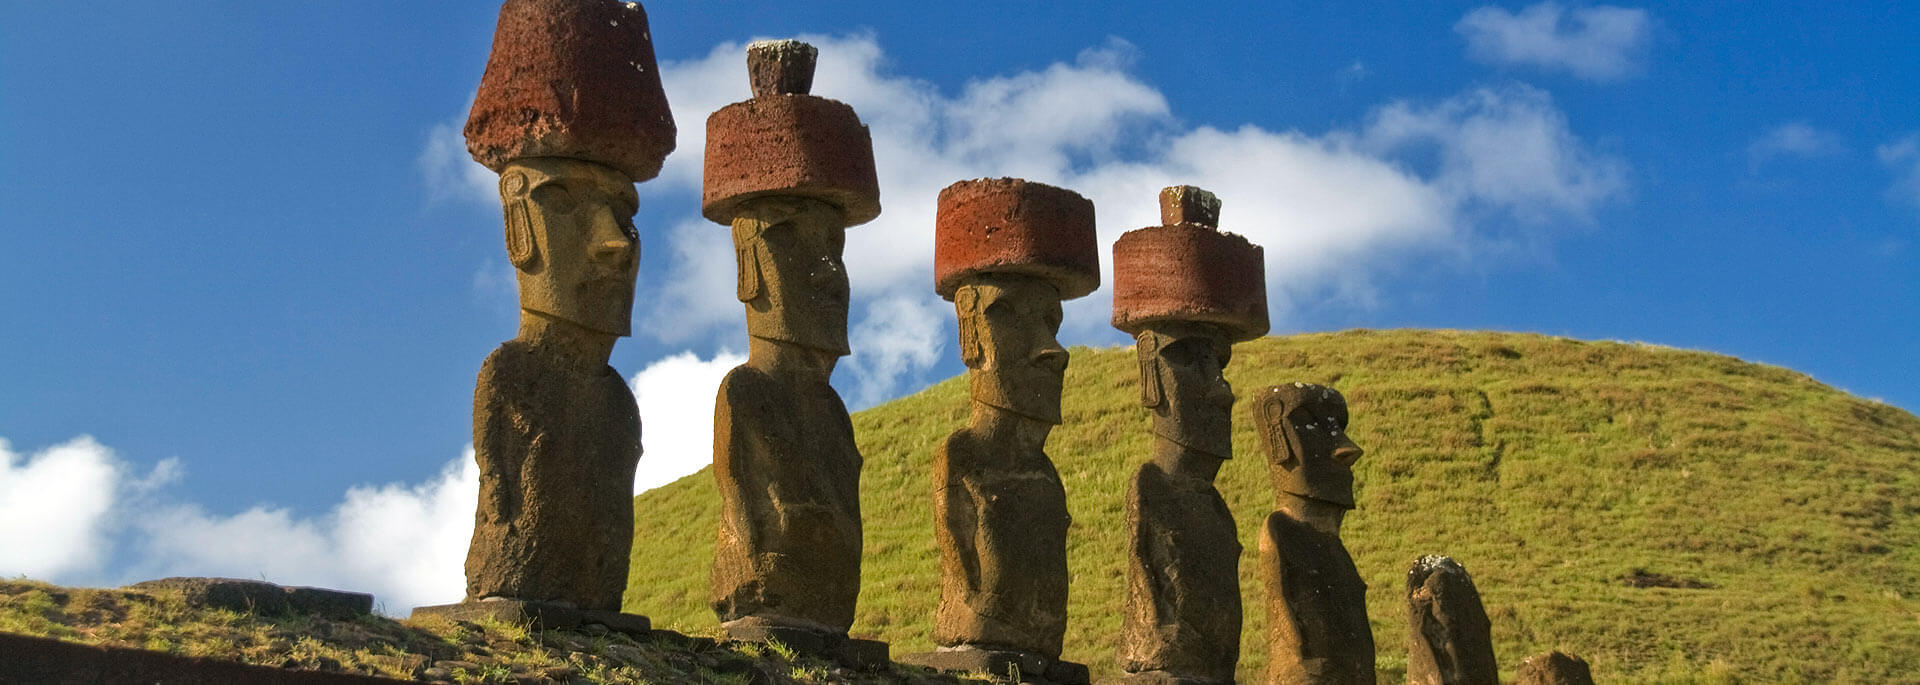 Warum ich immer noch nicht alle Moai der Osterinsel gesehen habe